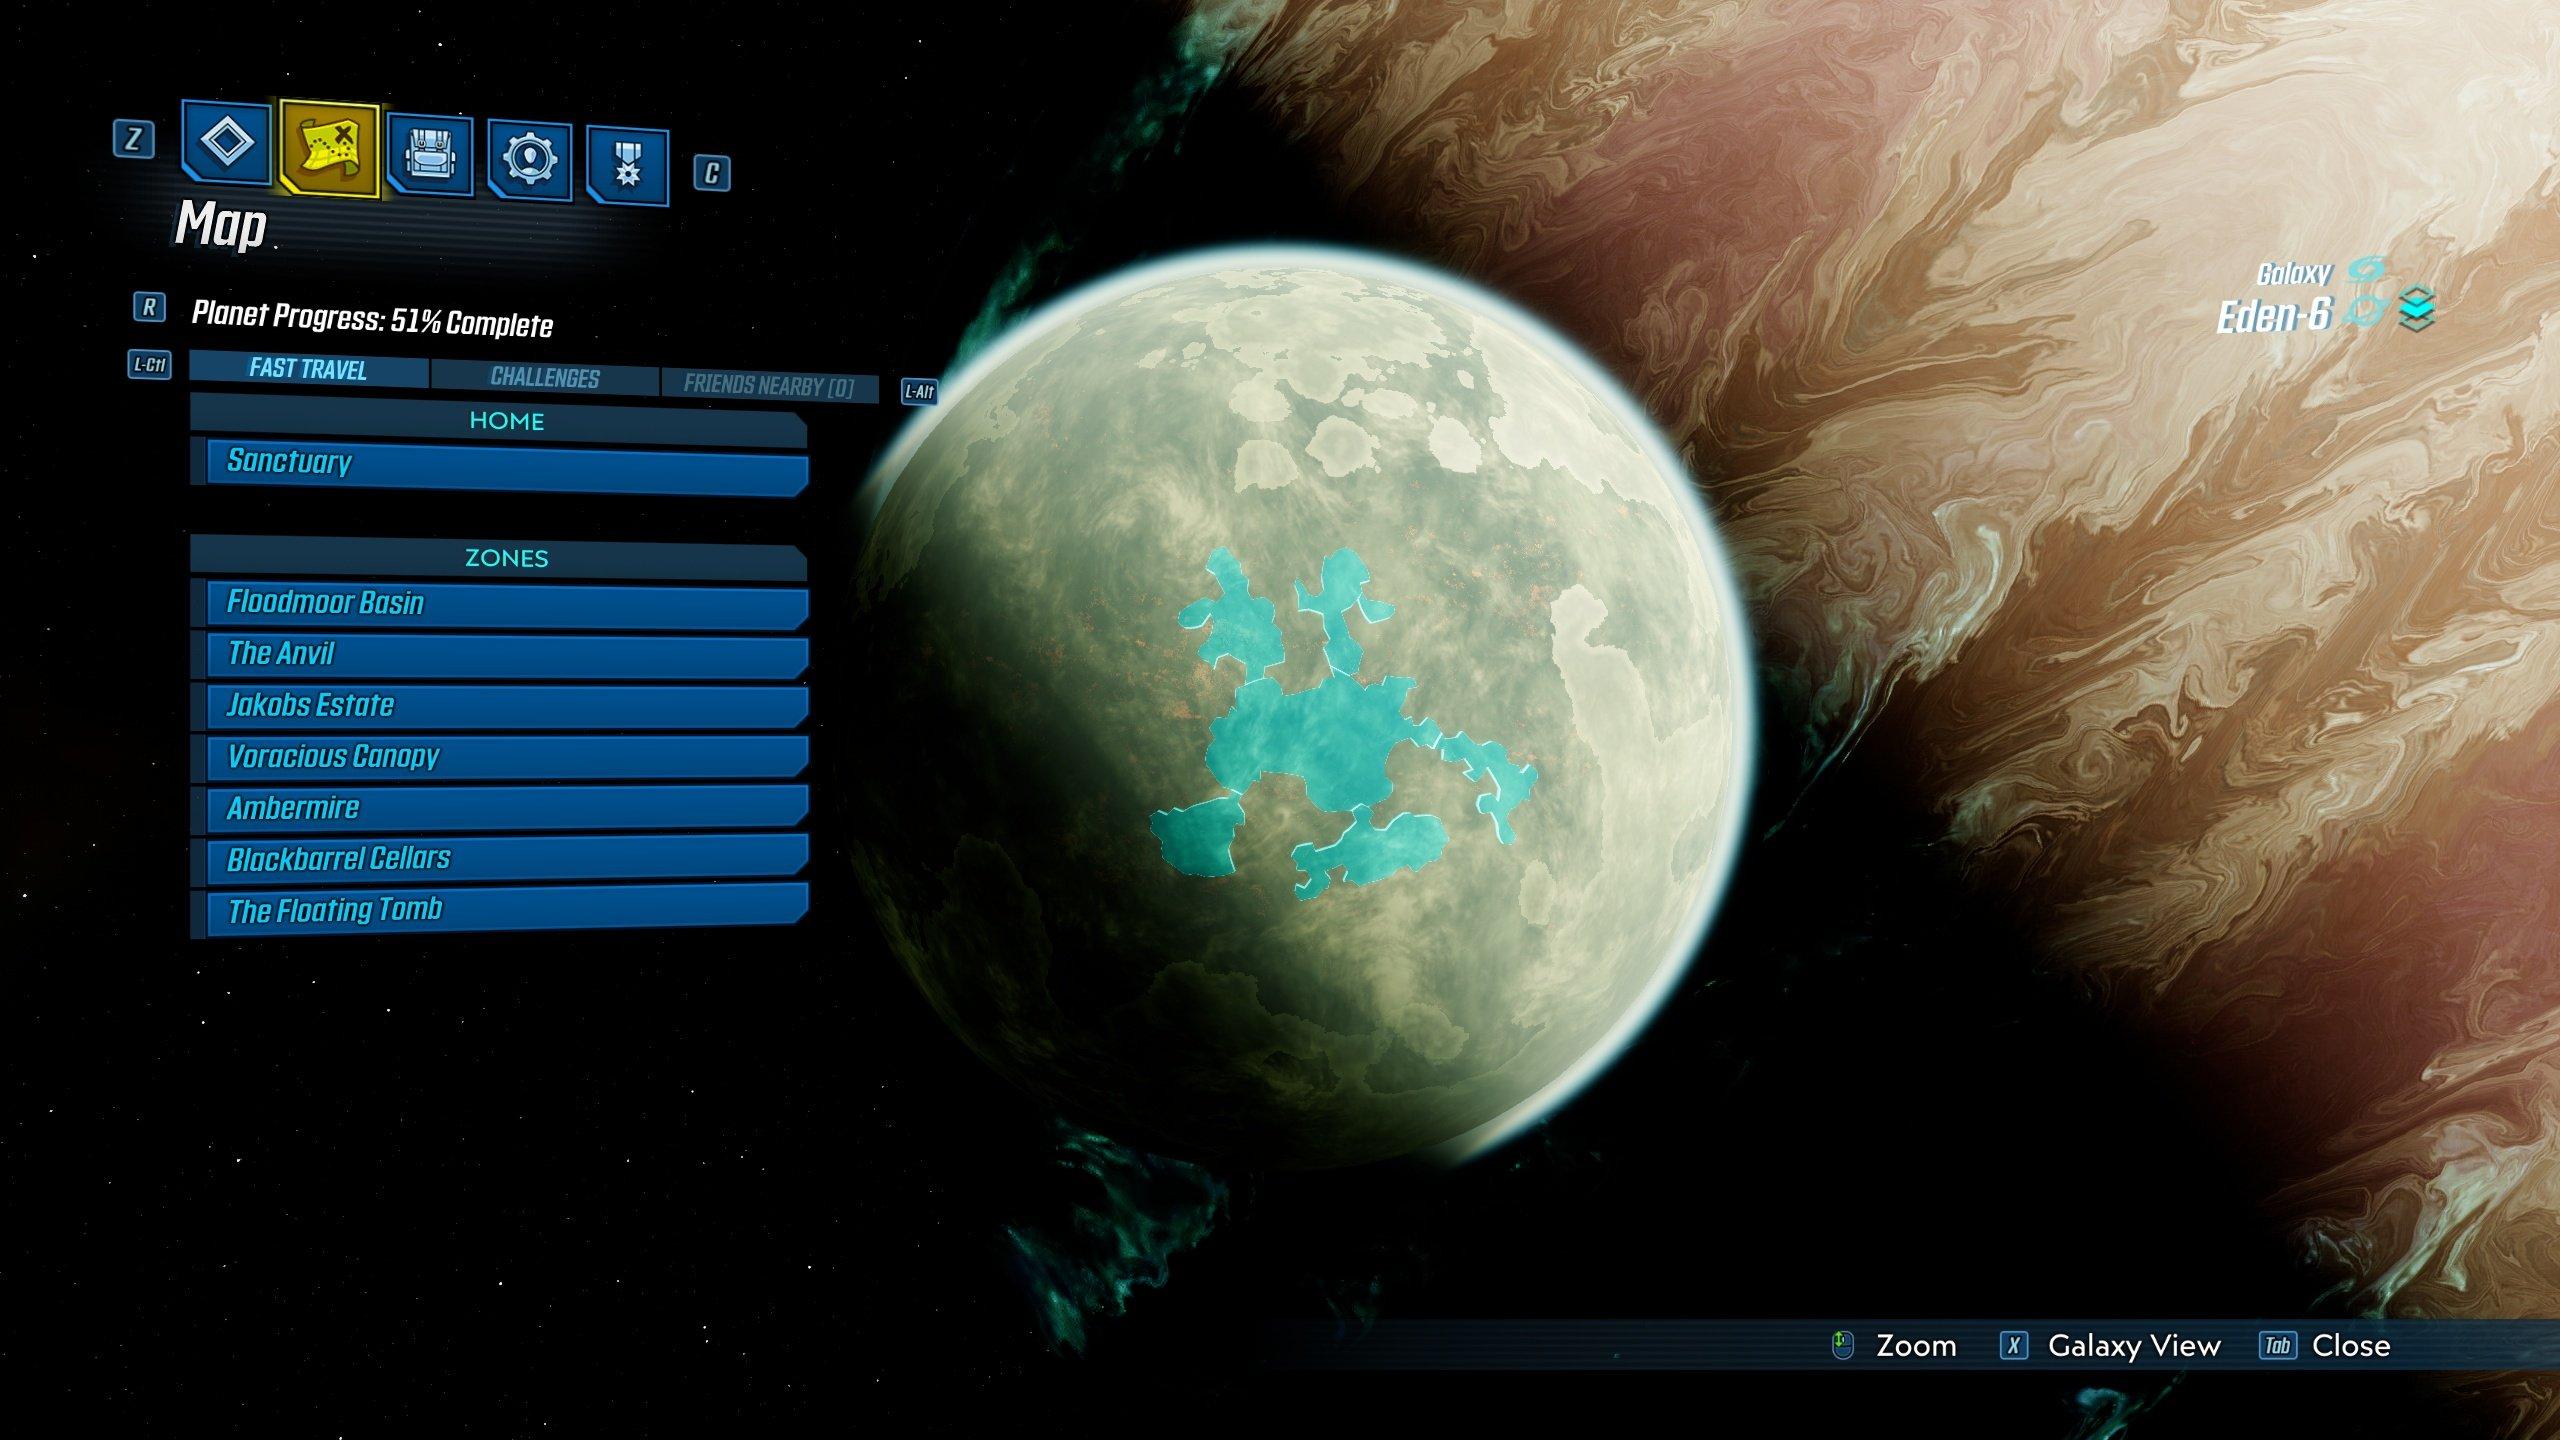 Borderlands 3 Eden-6 side missions